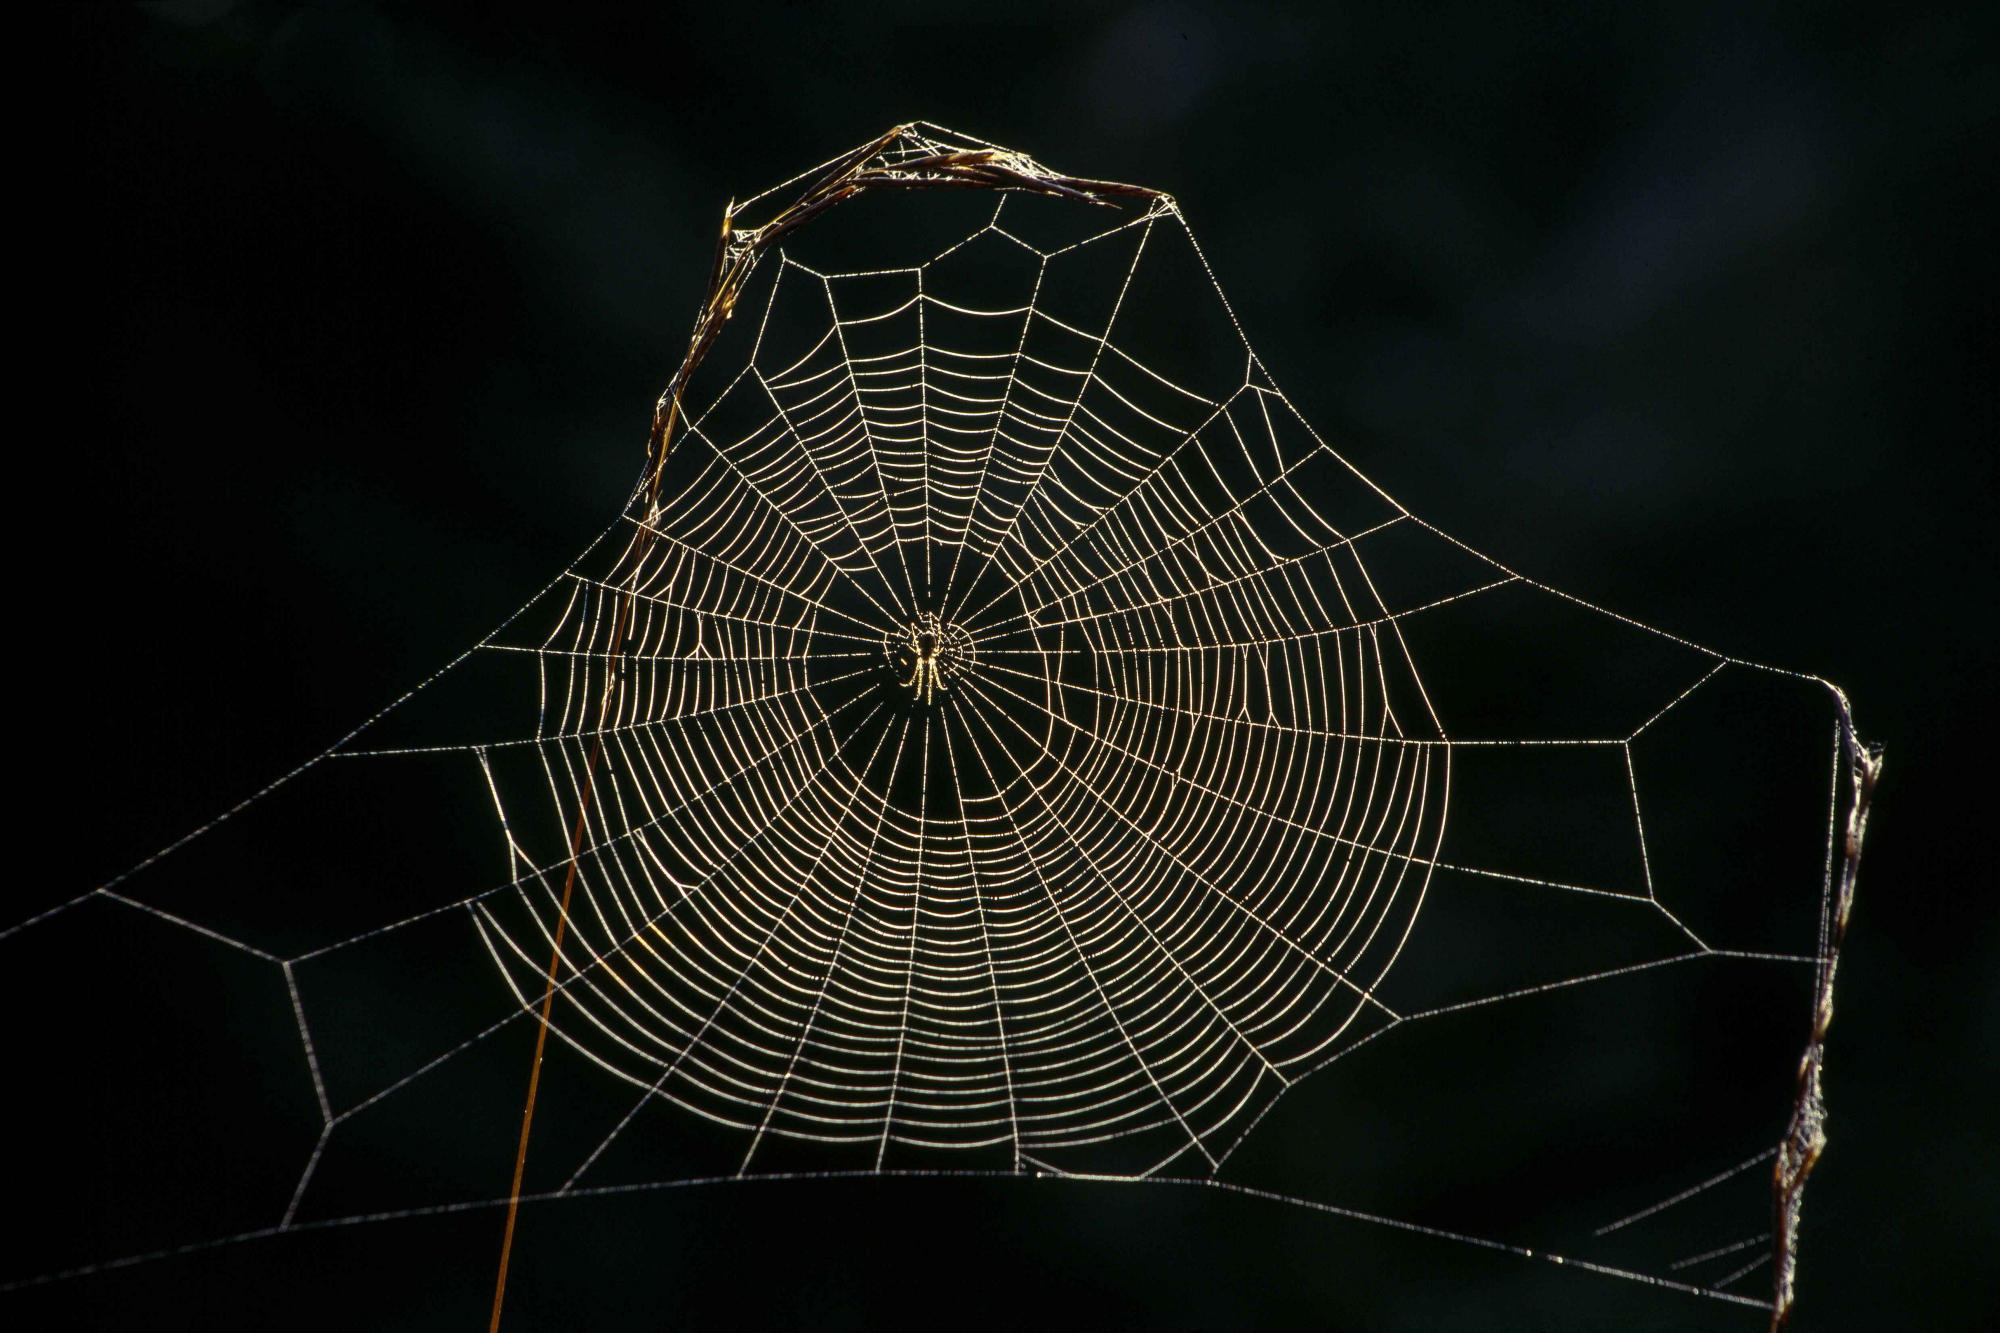 Delicate Spider Web Wallpaper